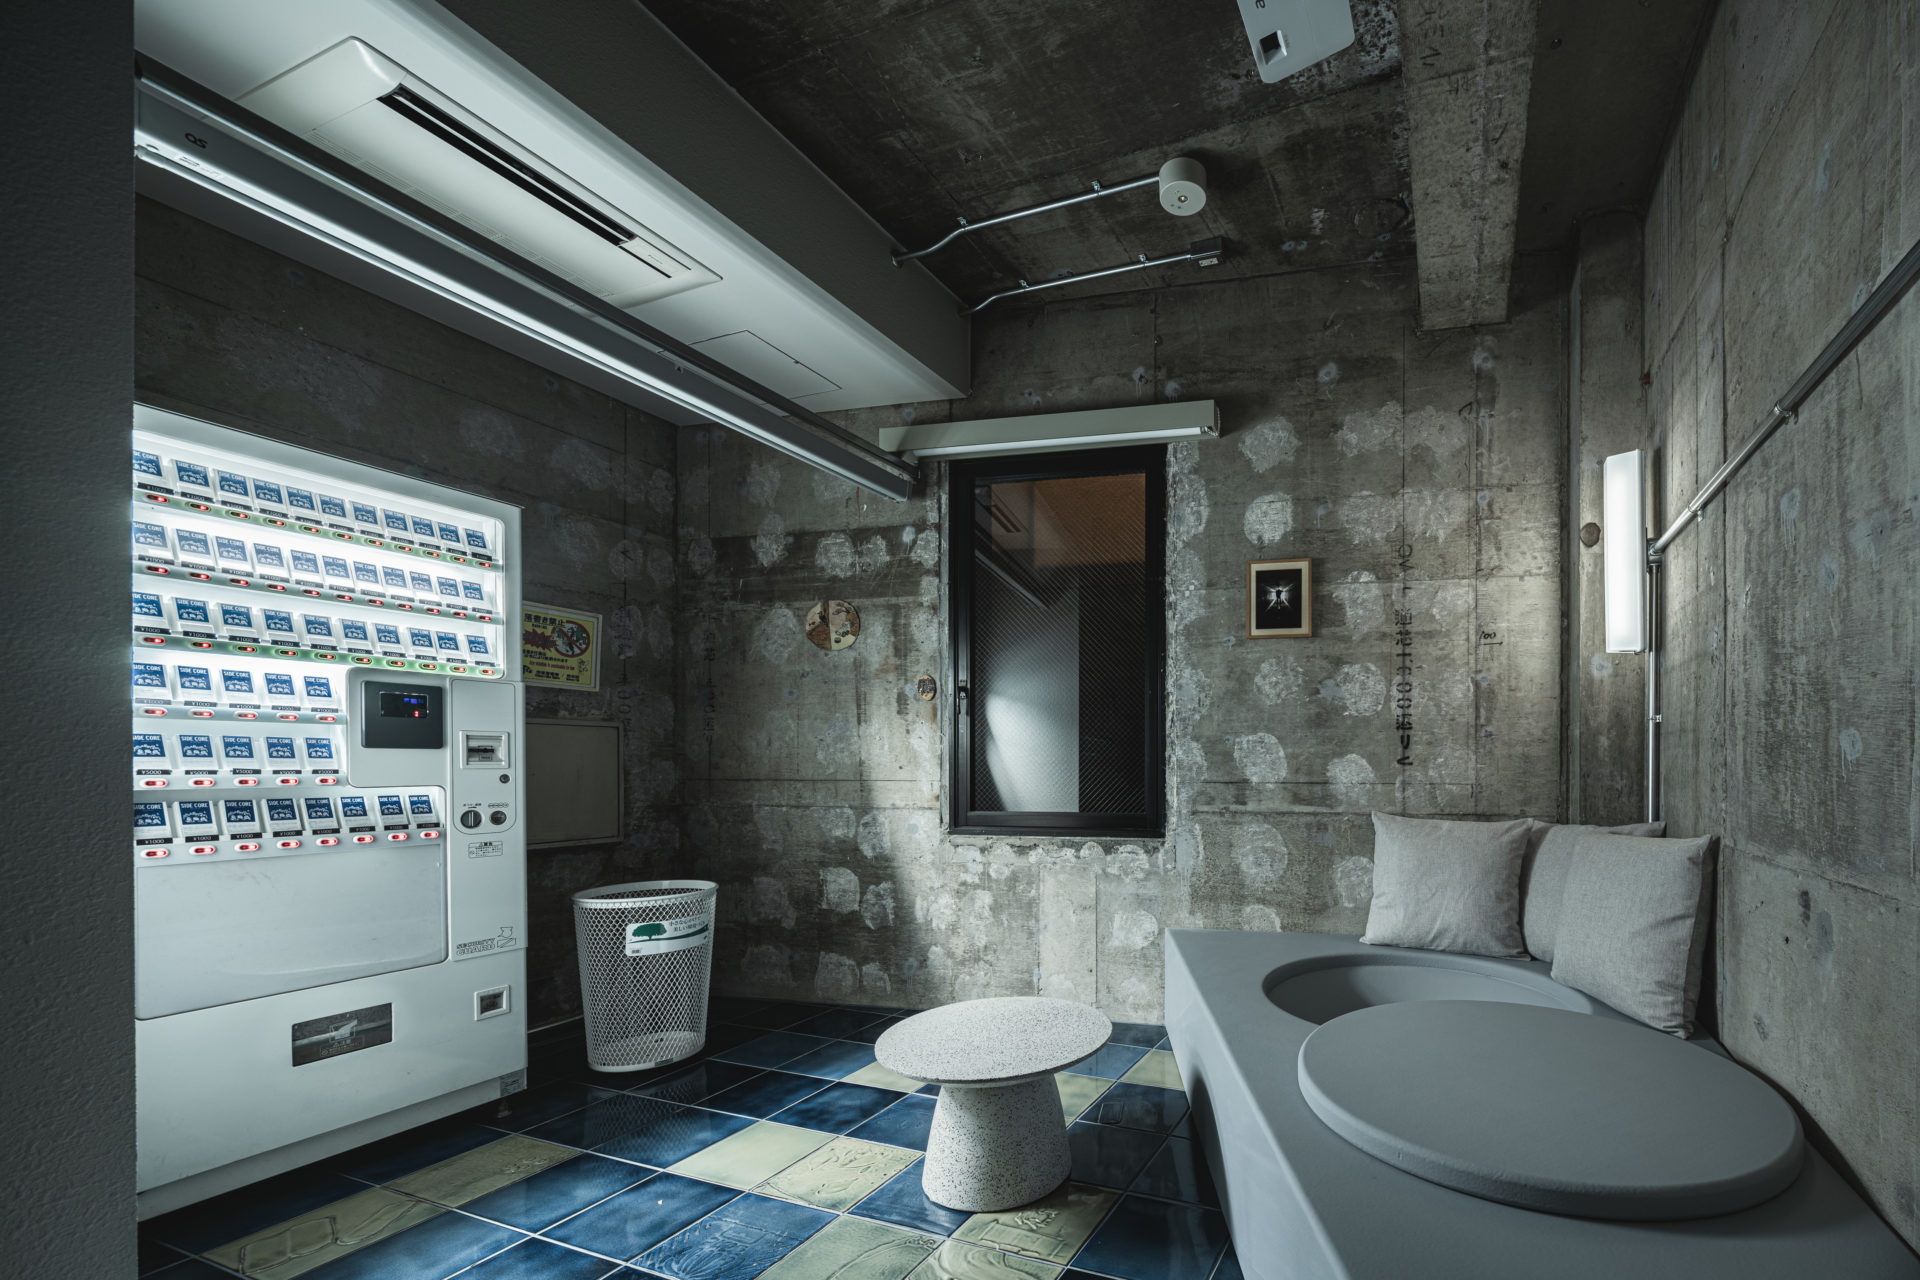 Hotel ou galeria de arte - Quarto Daytime's Dream, do hotel BnB Wall, localizado em Tóquio, Japão